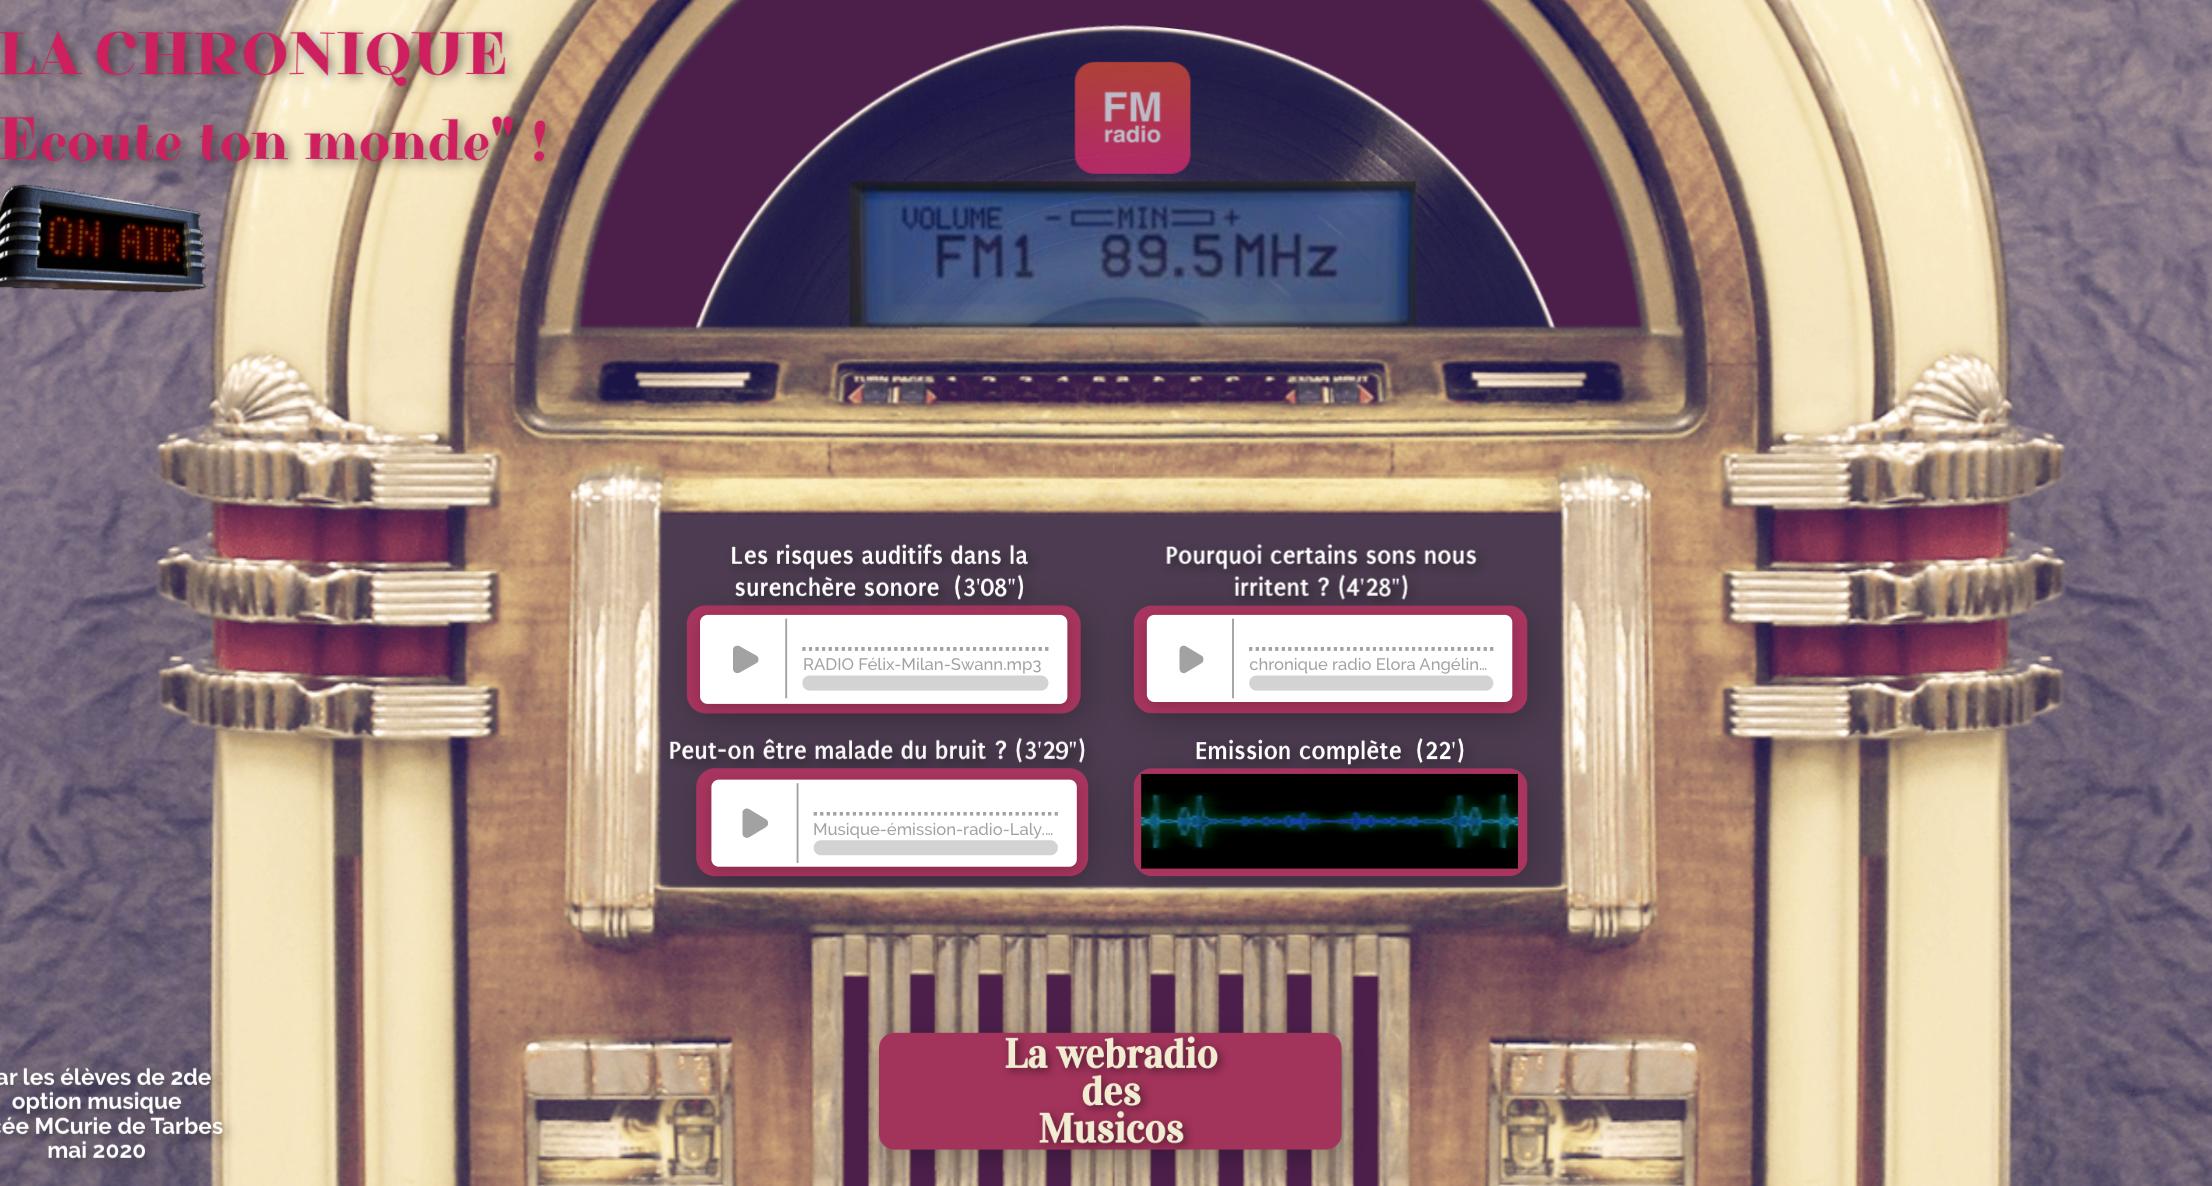 Capture d'écran 2020-05-08 à 22.55.33.png